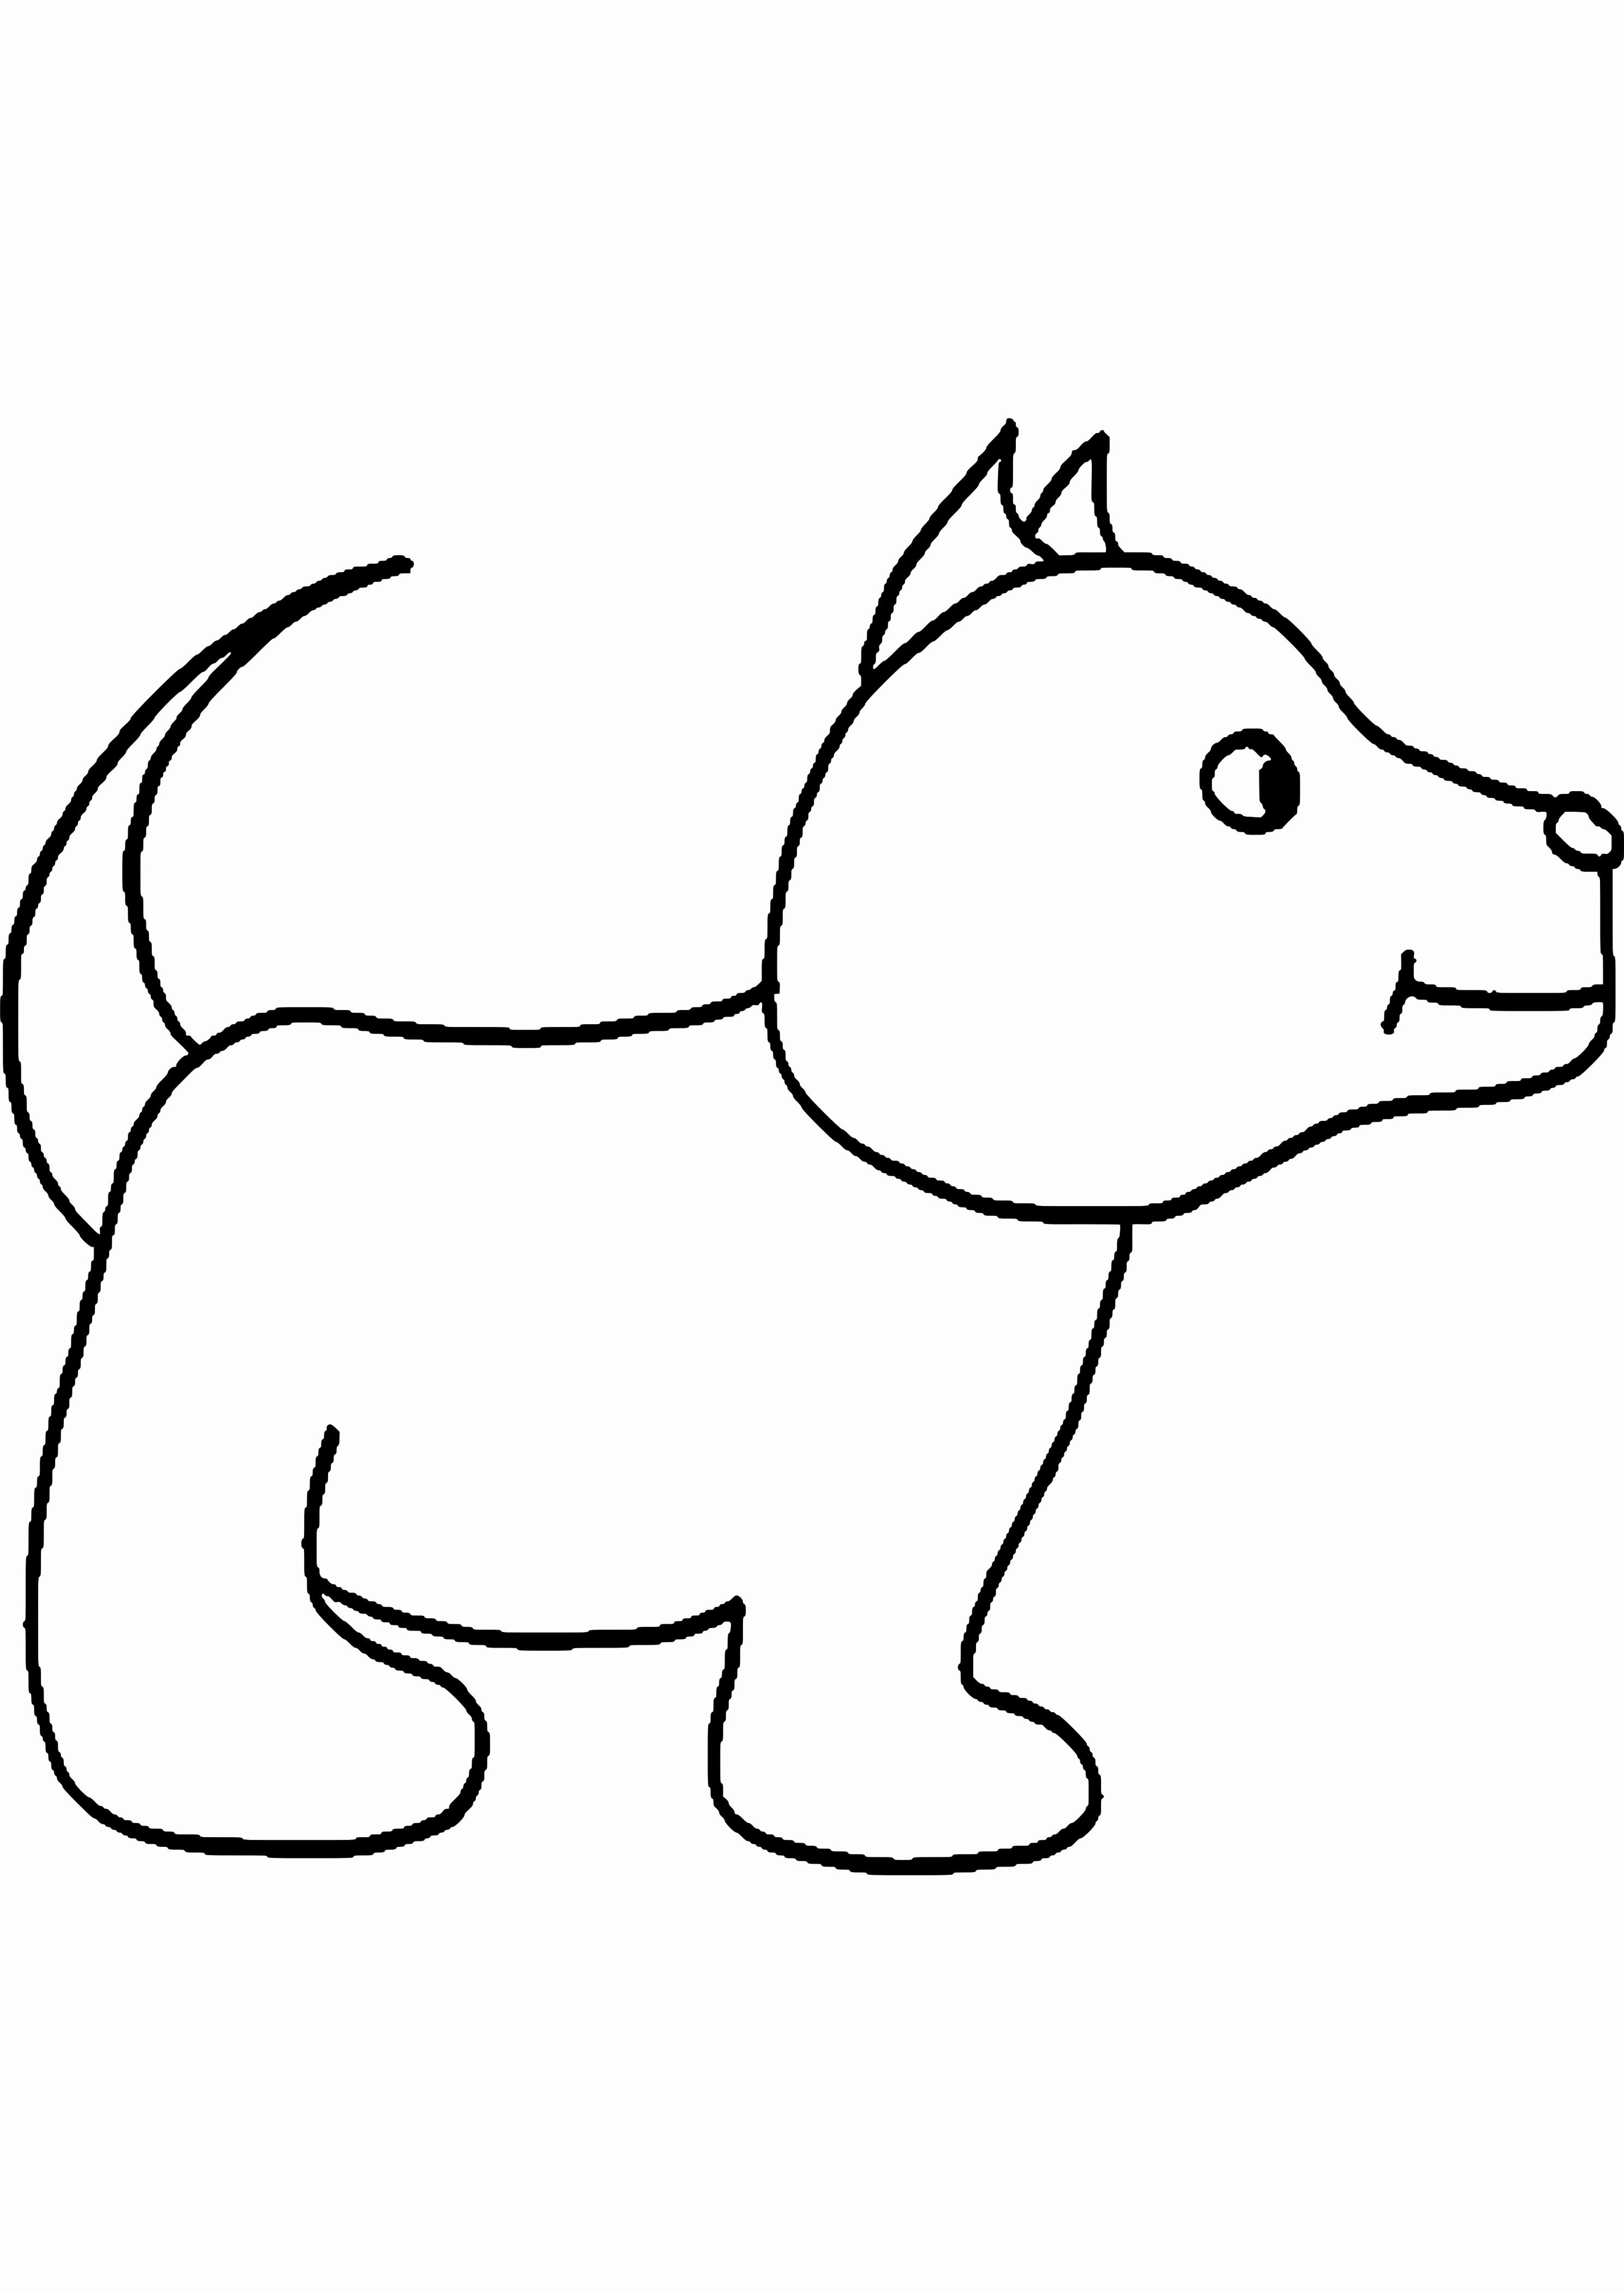 Ausmalbilder Zum Ausdrucken Hunde Genial 58 Genial Sammlung Ausmalbilder Zum Ausdrucken Hunde Bilder